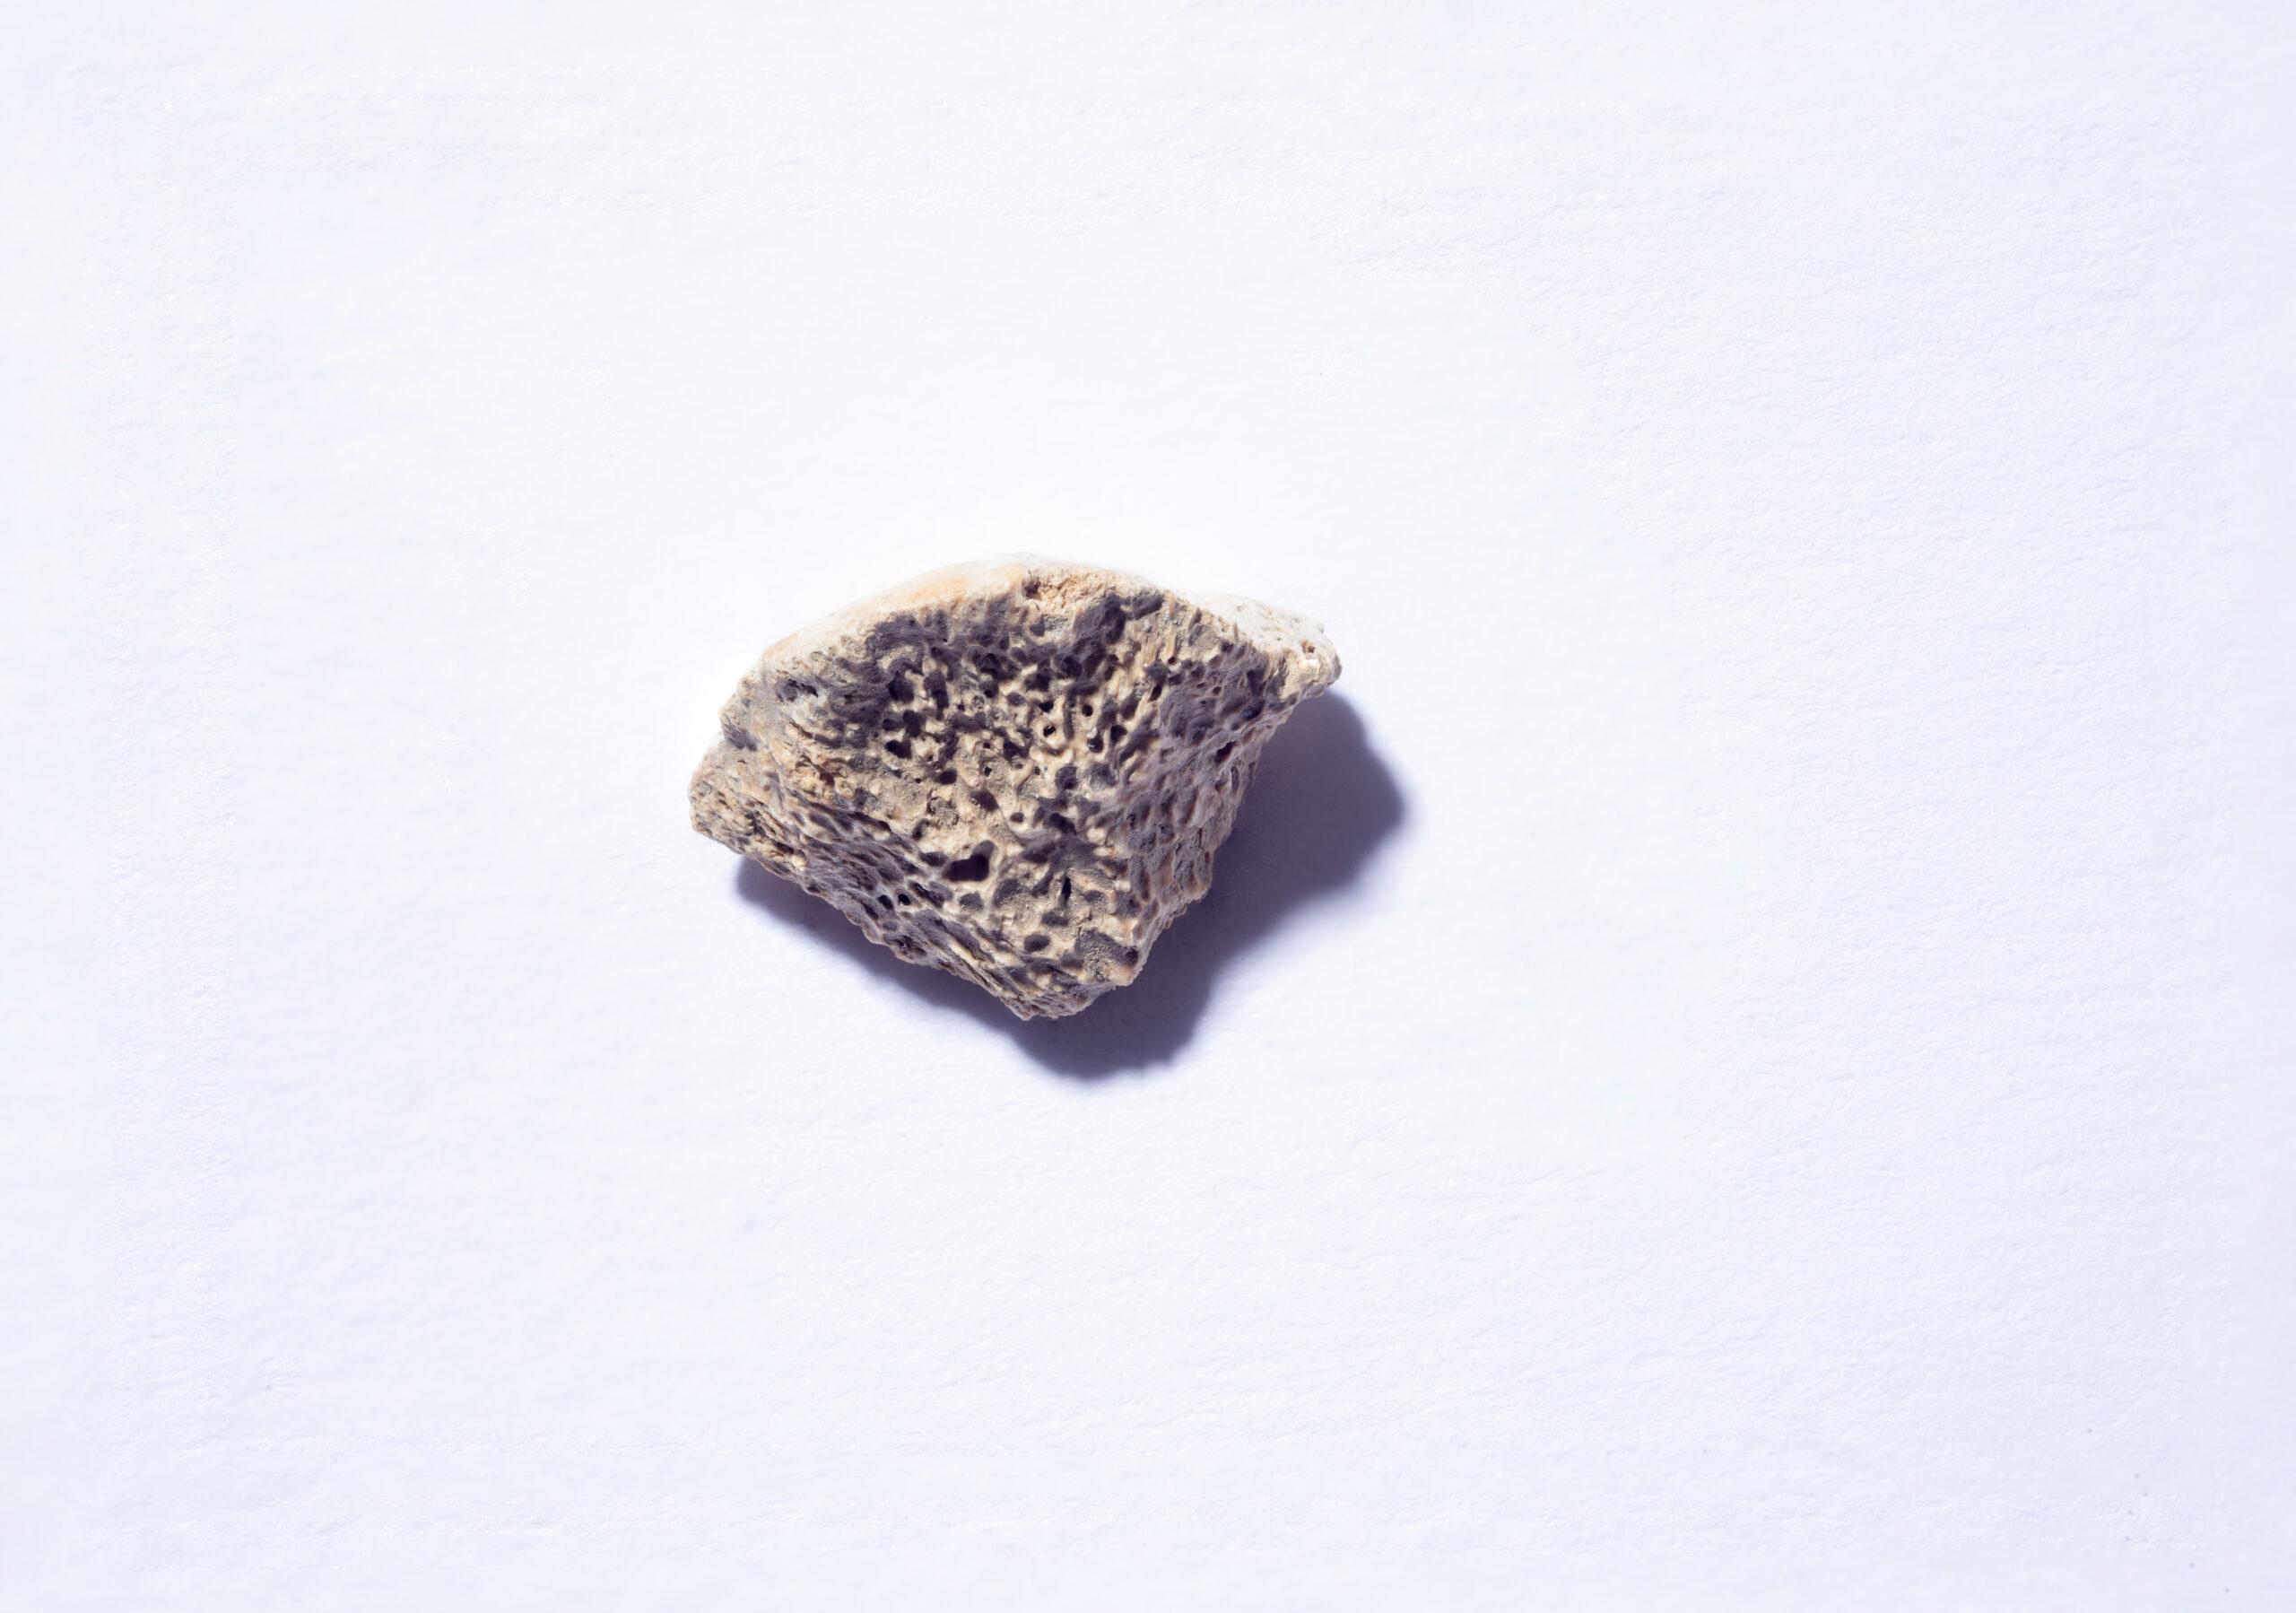 cane più antico delle americhe, frammento fossile, resti fossili cane